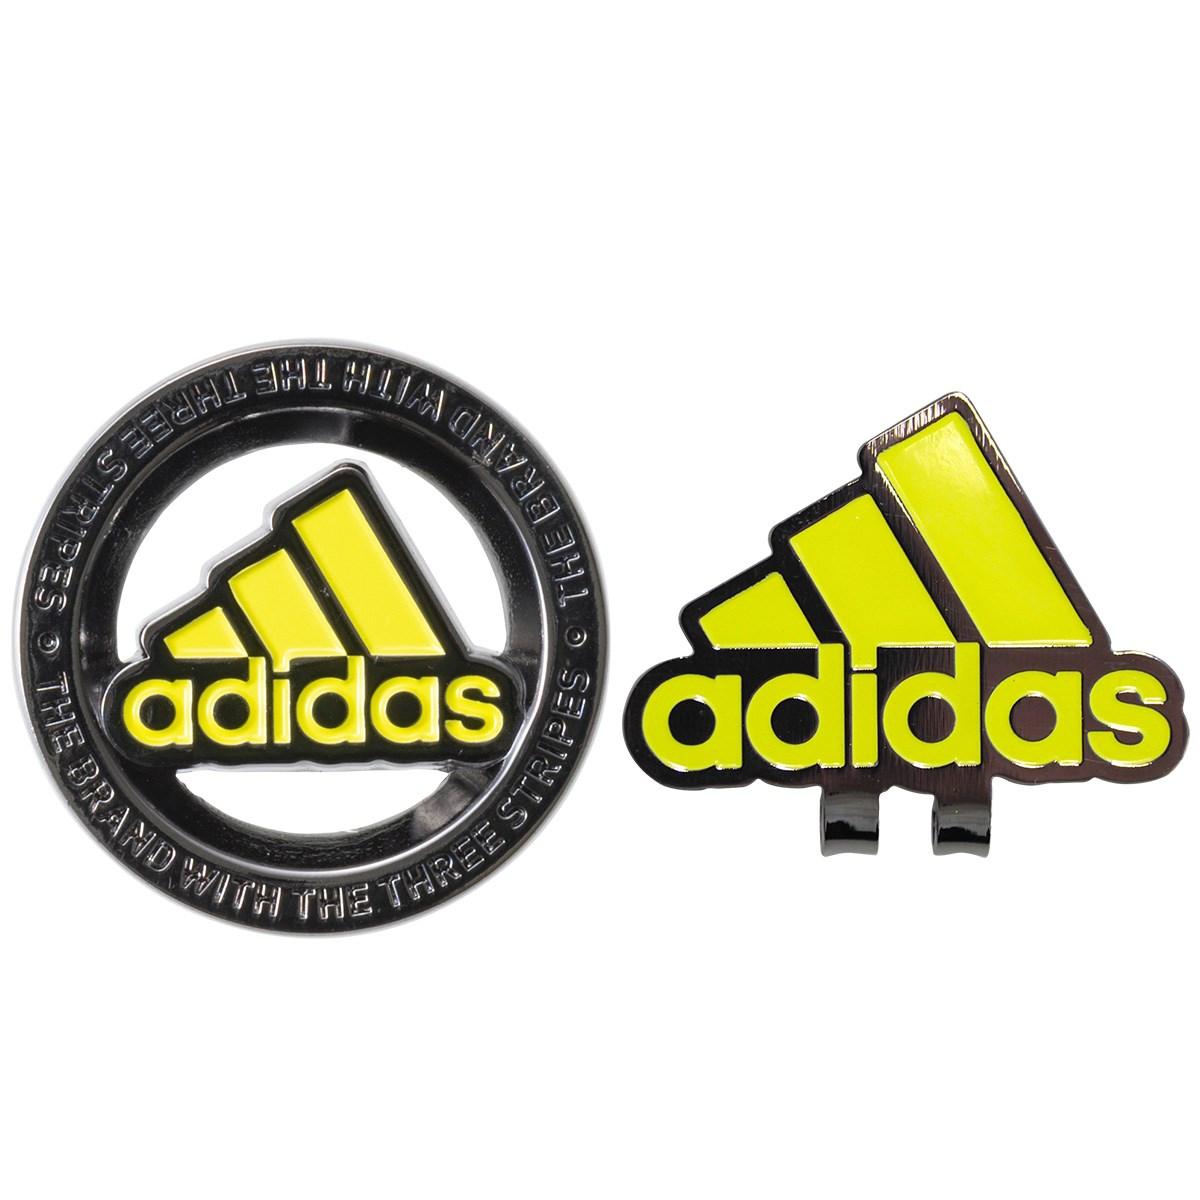 アディダス Adidas コアベーシック クリップマーカー イエロー